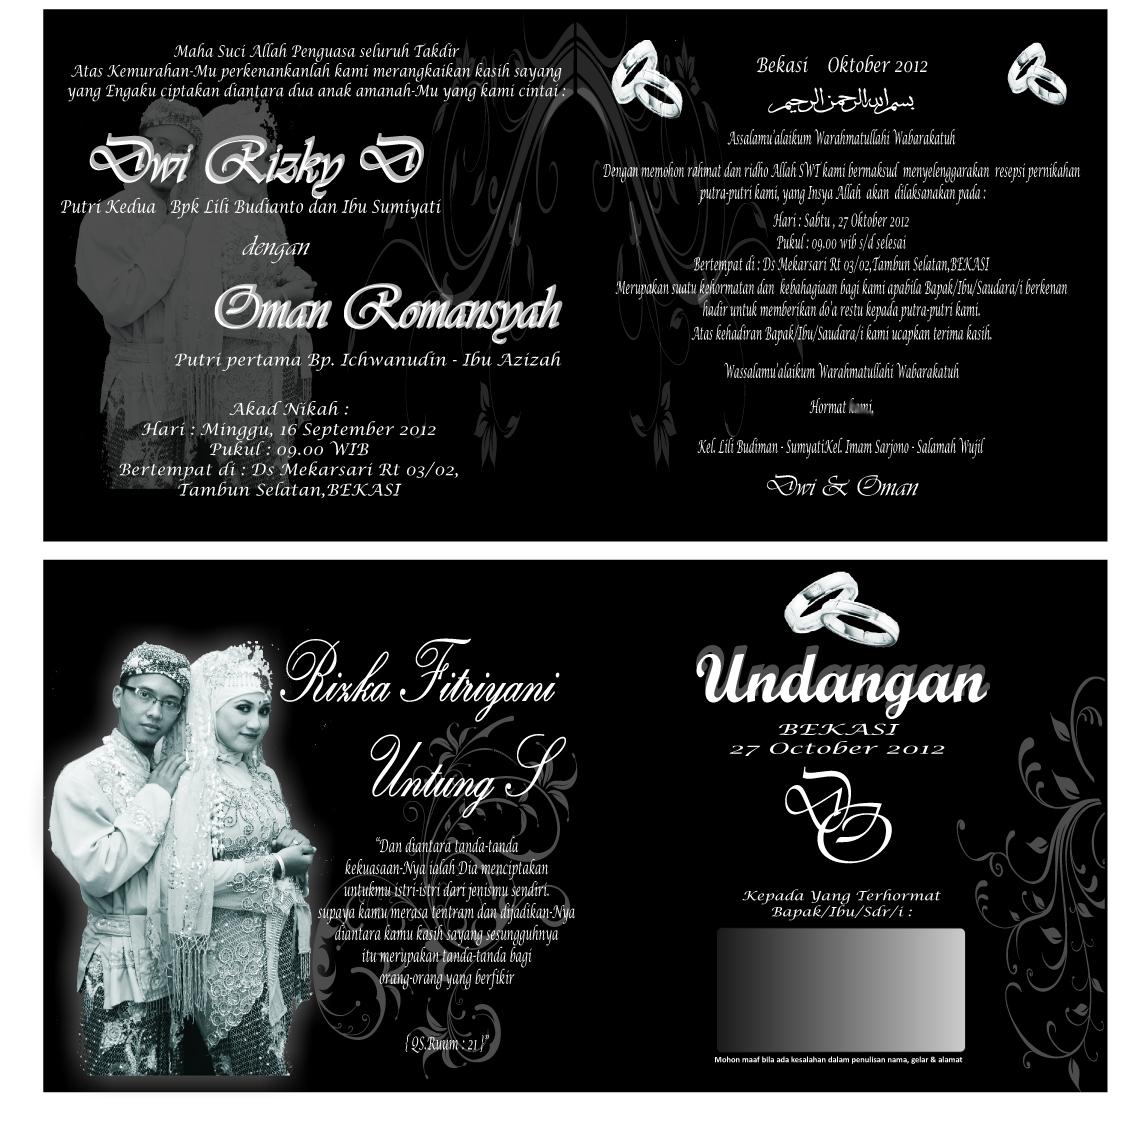 Undangan Sparasi Pernikahan Khitan Dan Baner